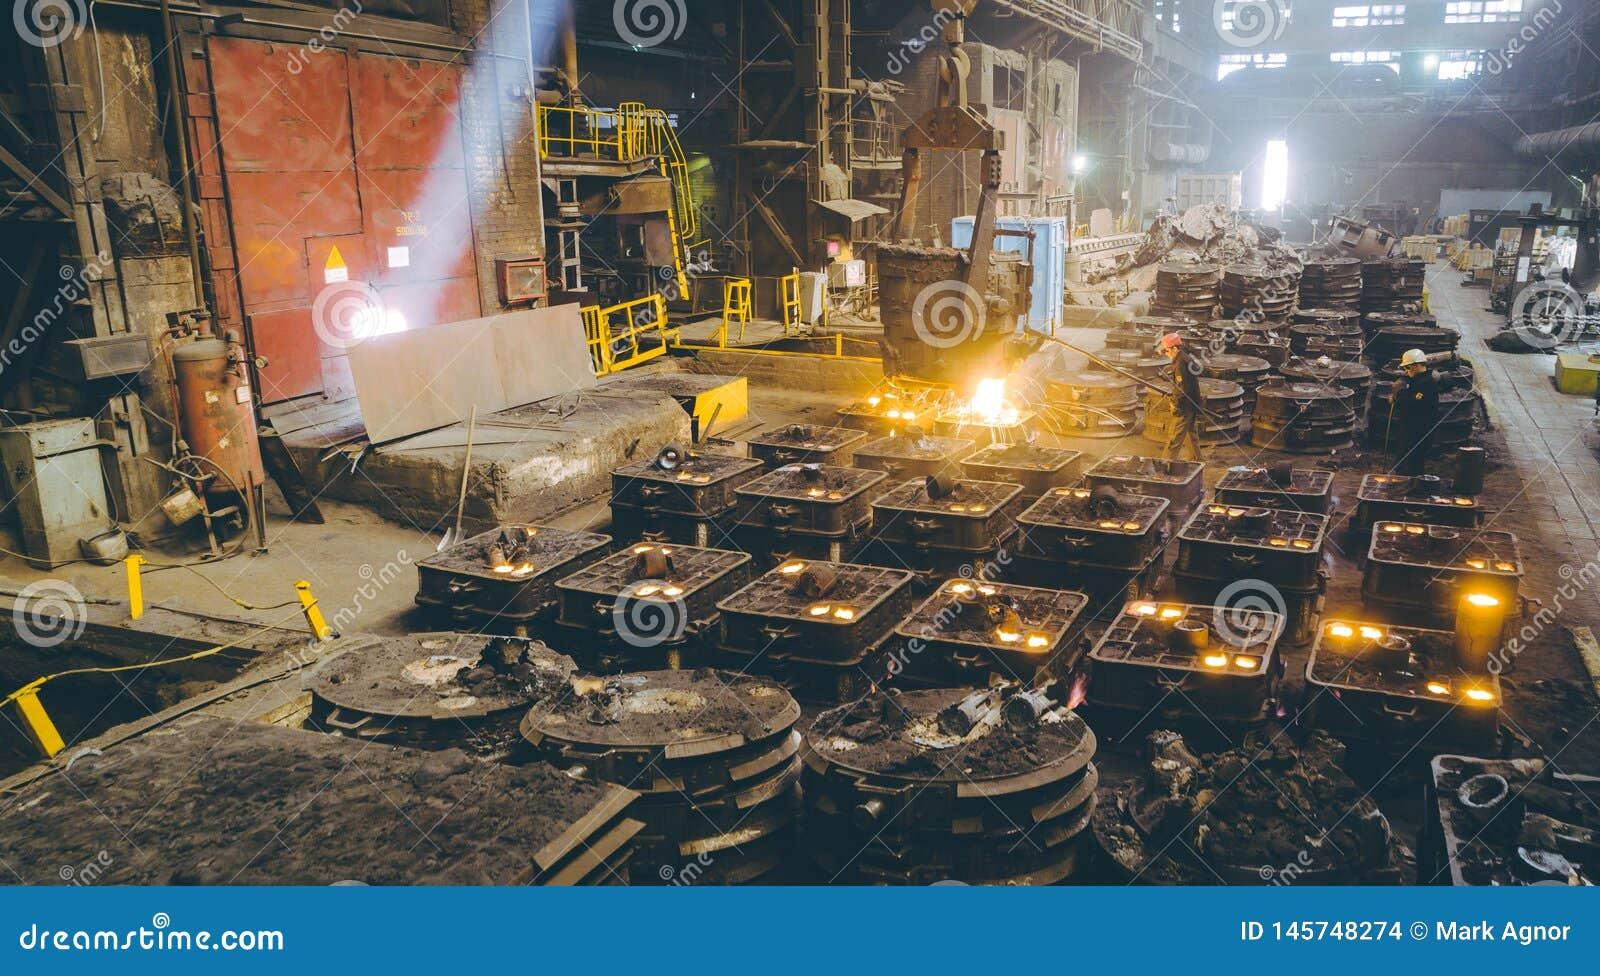 Arbeiders controlerend smelten van metaal in ovens